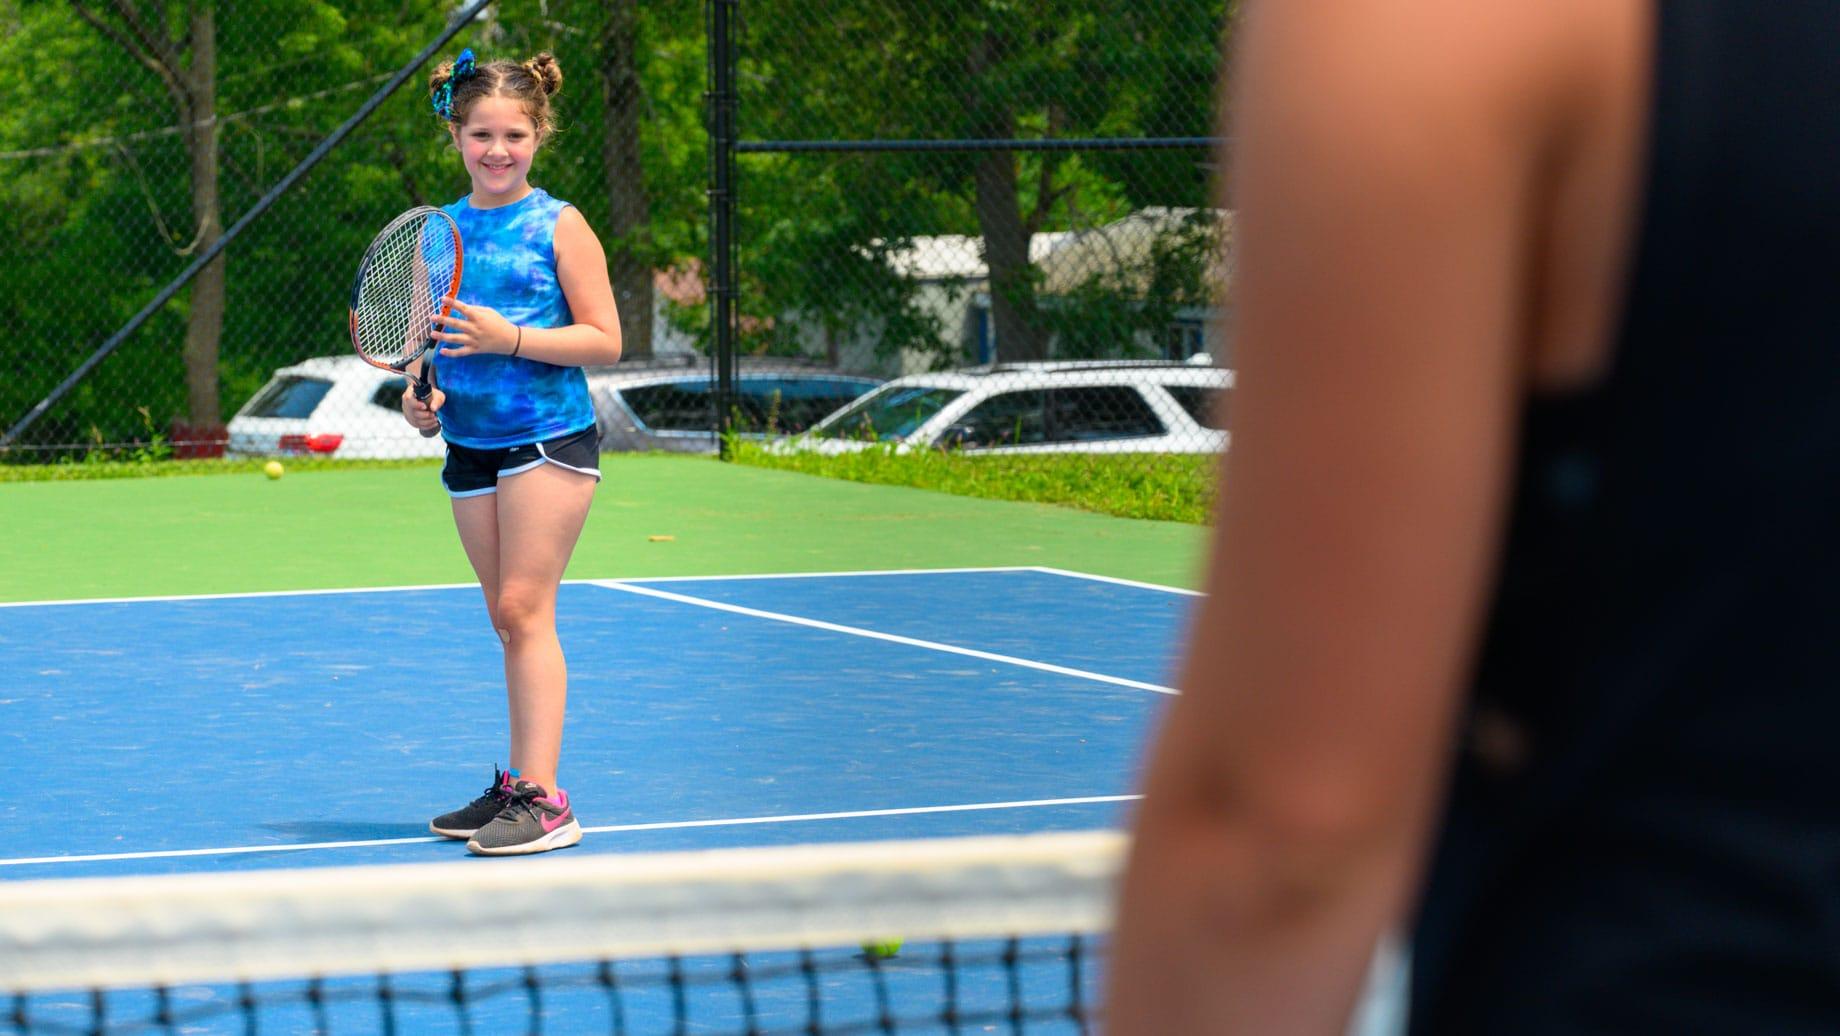 Camper playing tennis